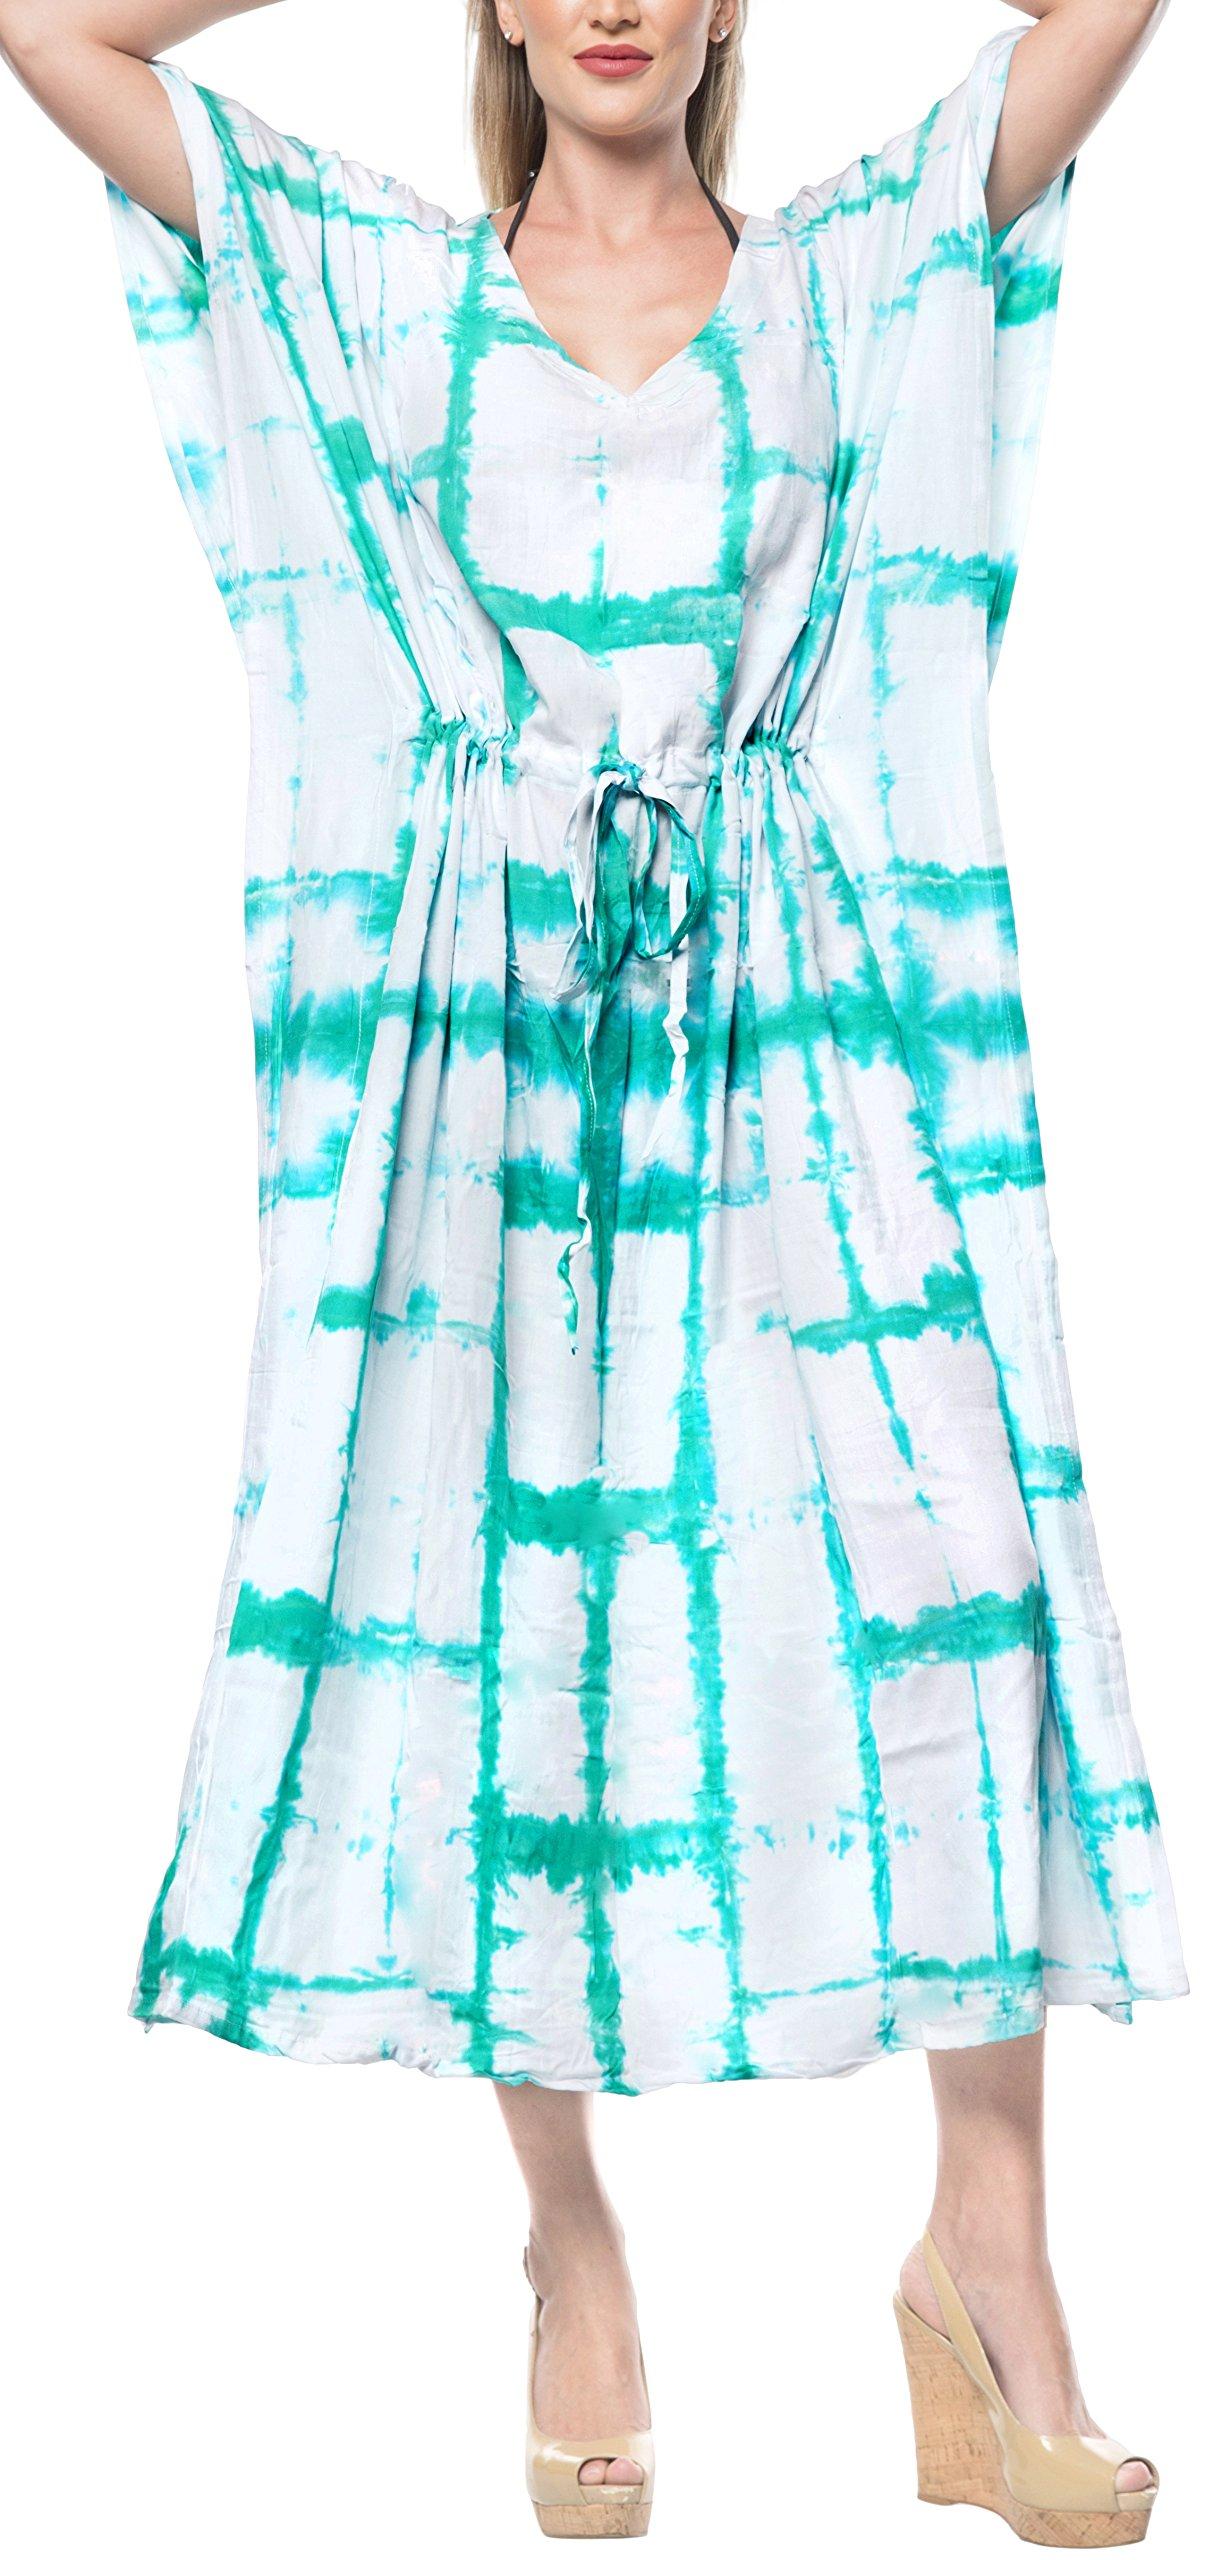 LA LEELA Women's Plus Size Caftan Nightwear Swimwear Cover Up Dress Drawstring